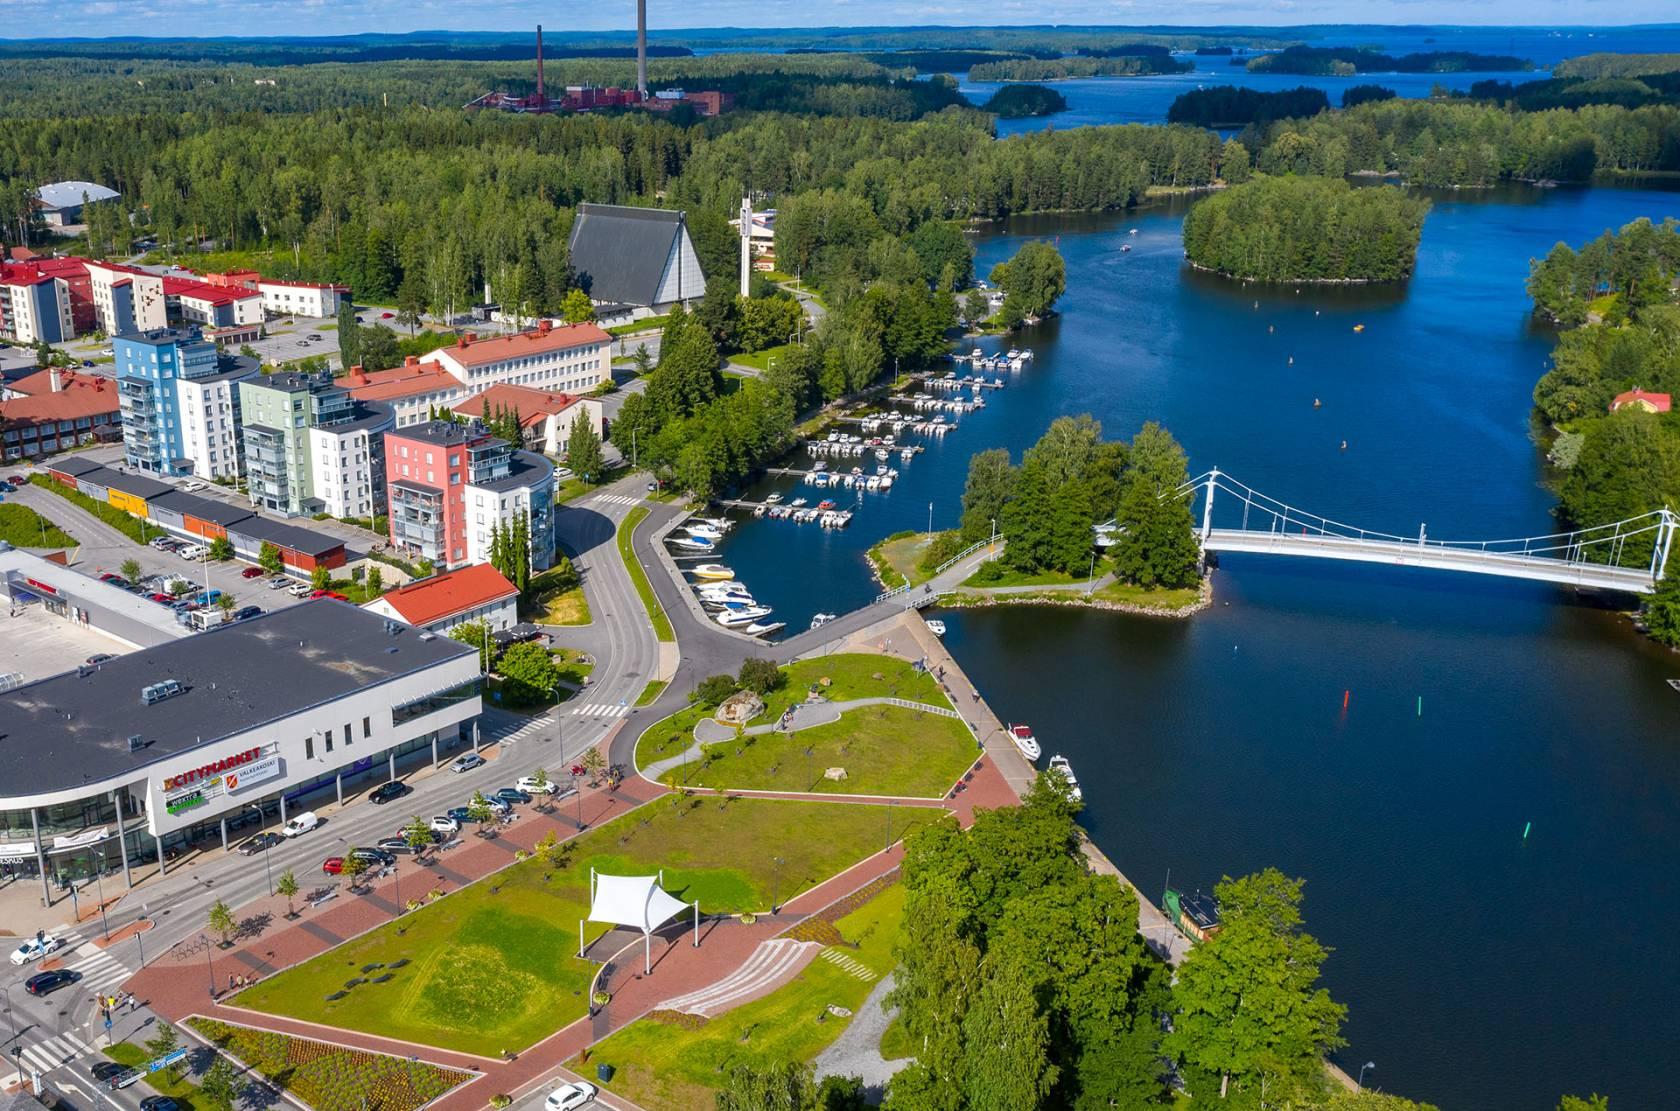 Ilmakuva Valkeakosken keskustasta kuvassa näkyy mm. Lepänkorvan puisto, Putaansilta, veneitä ja Mallasveden rantaa.